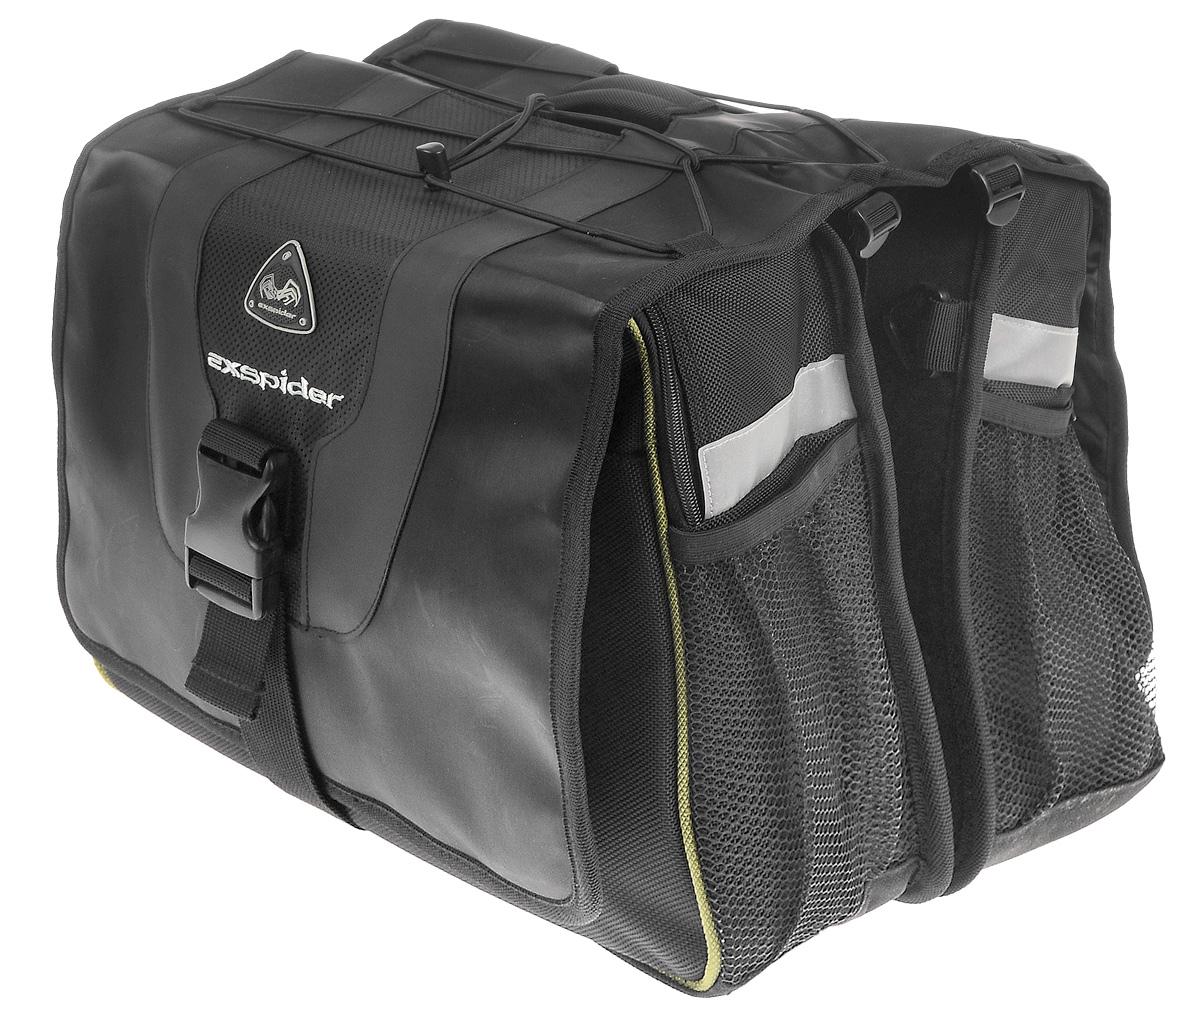 Сумка на багажник велосипеда EXspider, двойная, 36 х 33 х 23 смBP-303 BKУниверсальная сумка EXspider крепится на багажник, можно носить ее в руках или на плече. Изделие имеет два больших отделения с внешними карманами. Отделения закрываются на клапан с помощью застежки-молнии и липучки. Также внутри каждого отделения расположен карман на резинке. Подкладка из вспененного полиэтилена предохраняет содержимое от повреждений. Эластичный шнур позволяет закрепить другую небольшую сумку, палатку, спальный мешок, шлем и многое другое. В комплект входит водоотталкивающий чехол от дождя из нейлона и плечевой регулируемый ремень. Внешние сетчатые карманы с каждой из четырех сторон предназначены для небольших вещей. Светоотражающие вставки служат для лучшей заметности в темное время суток. Сумка крепится на багажник с помощью двух шнуров с крючками.